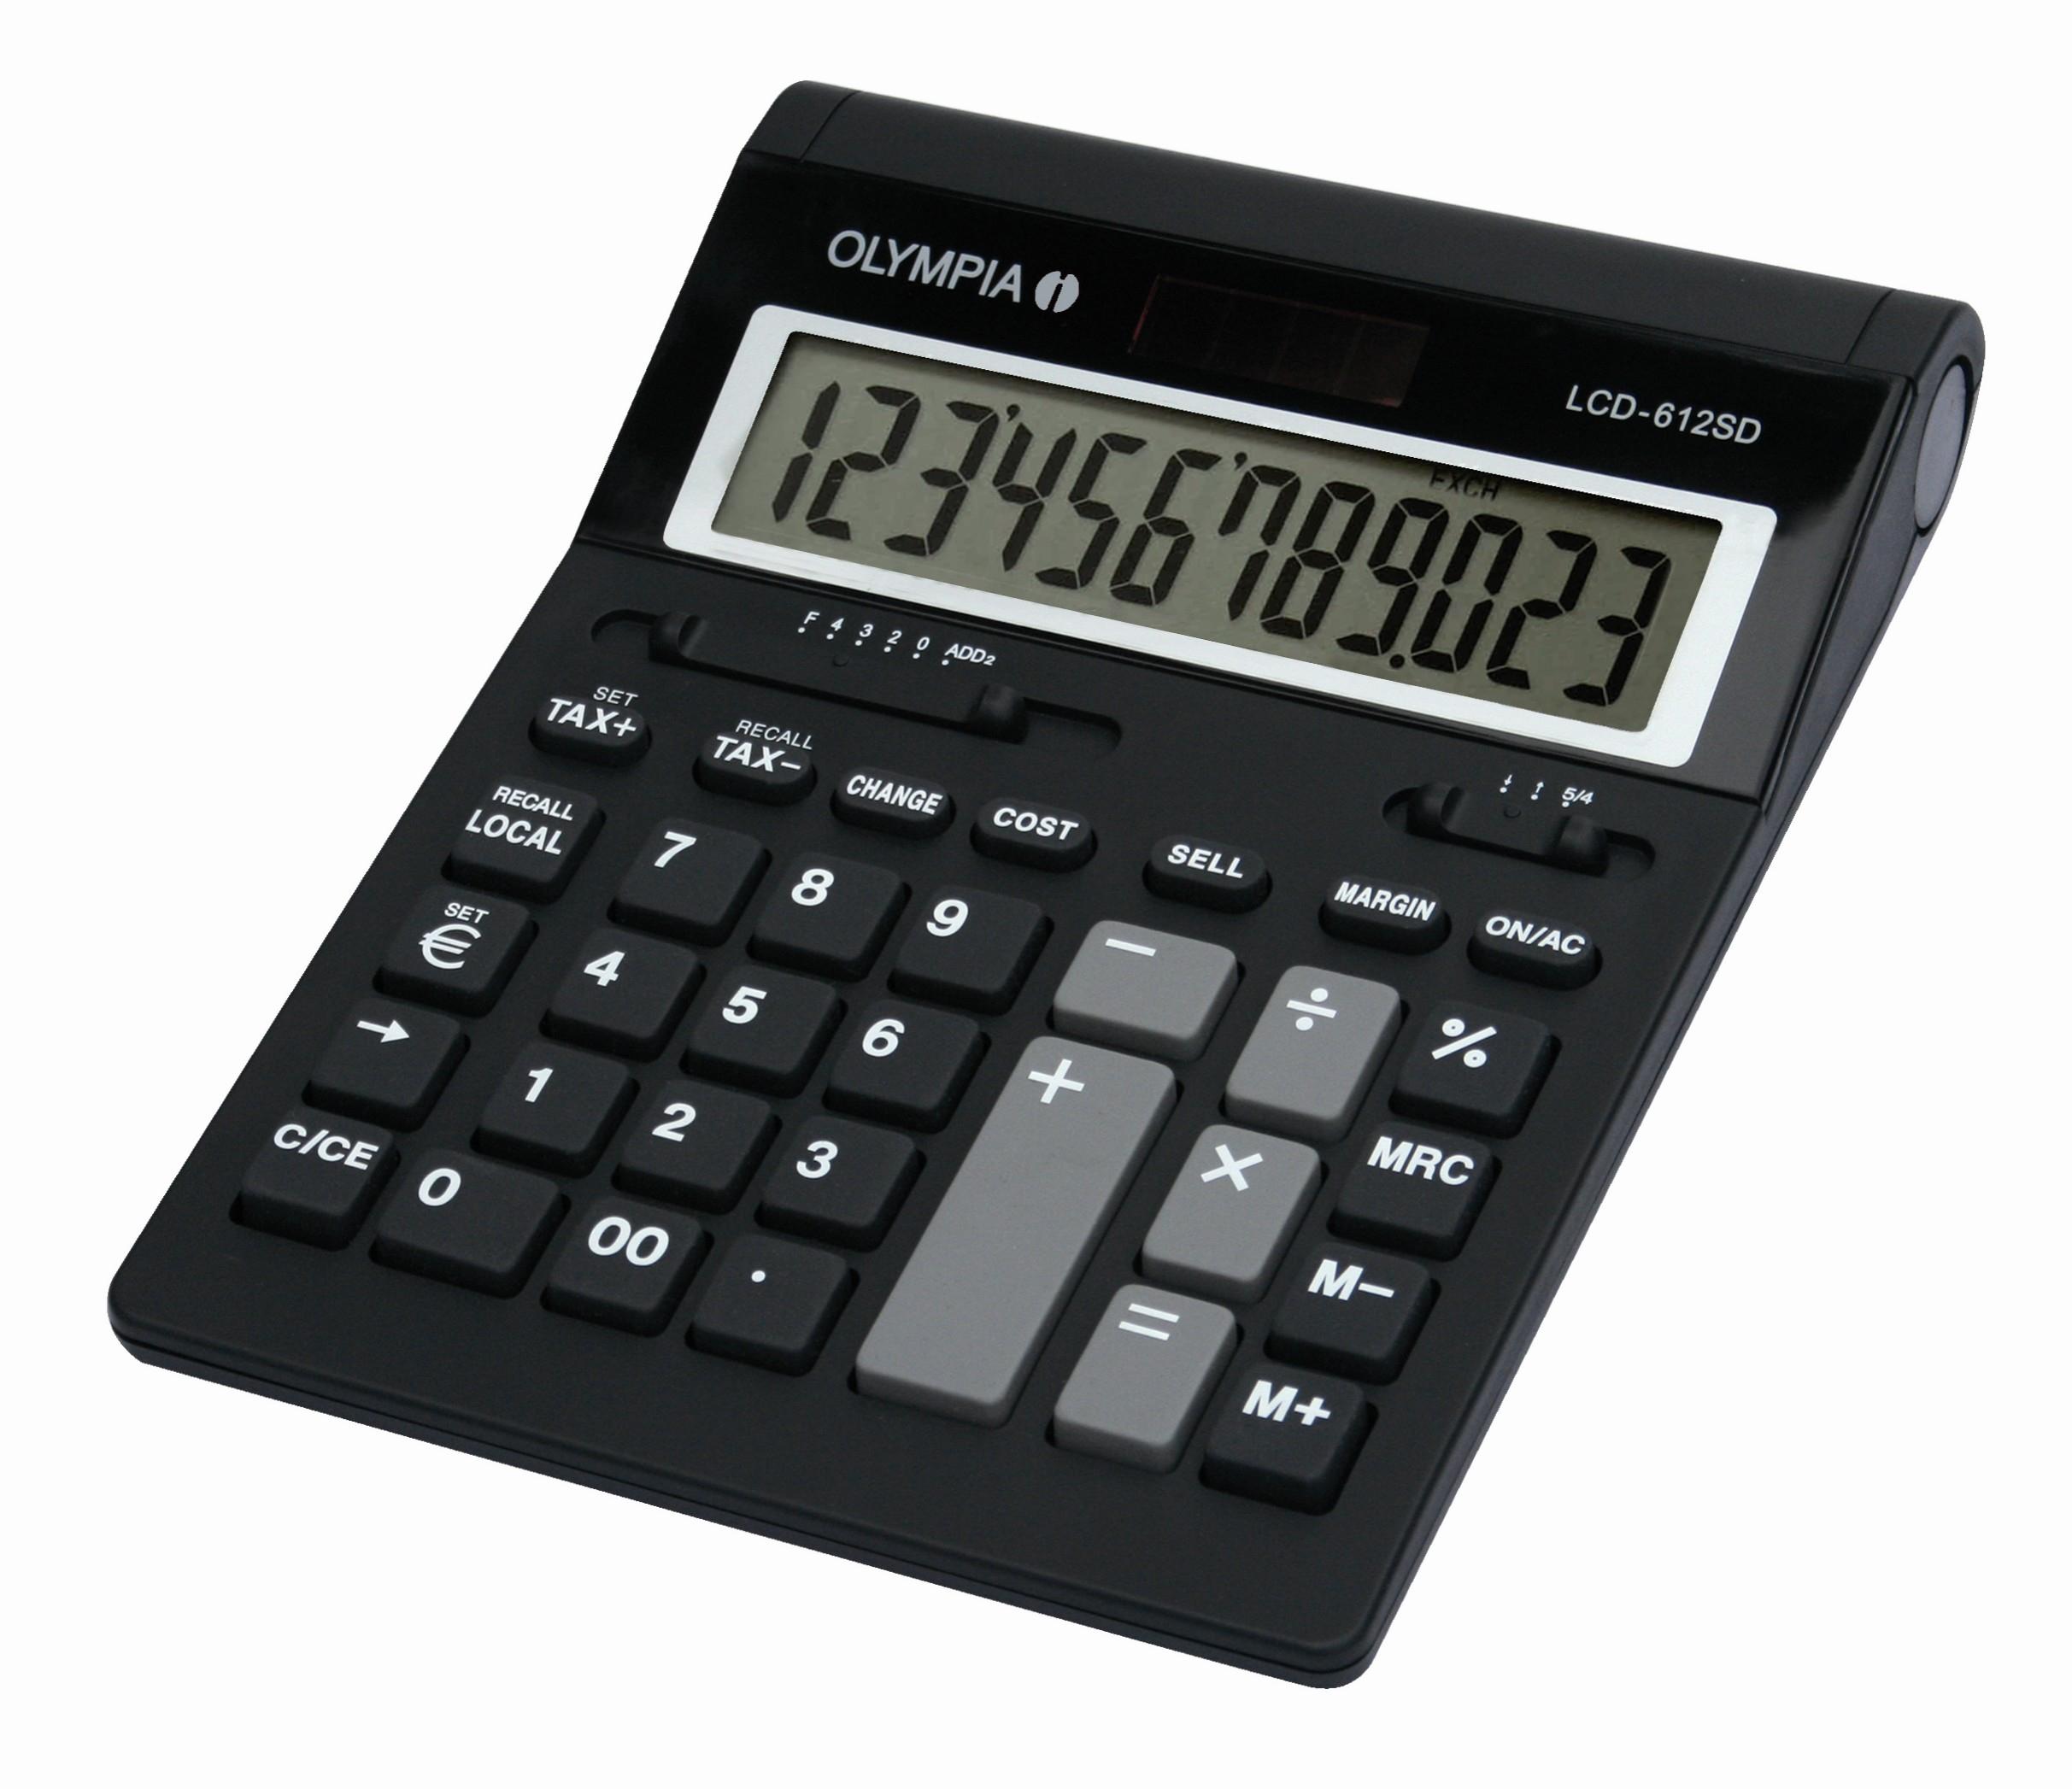 Olympia LCD 612 SD - Desktop - Einfacher Taschenrechner - 12 Ziffern - 1 Zeilen - Schwarz